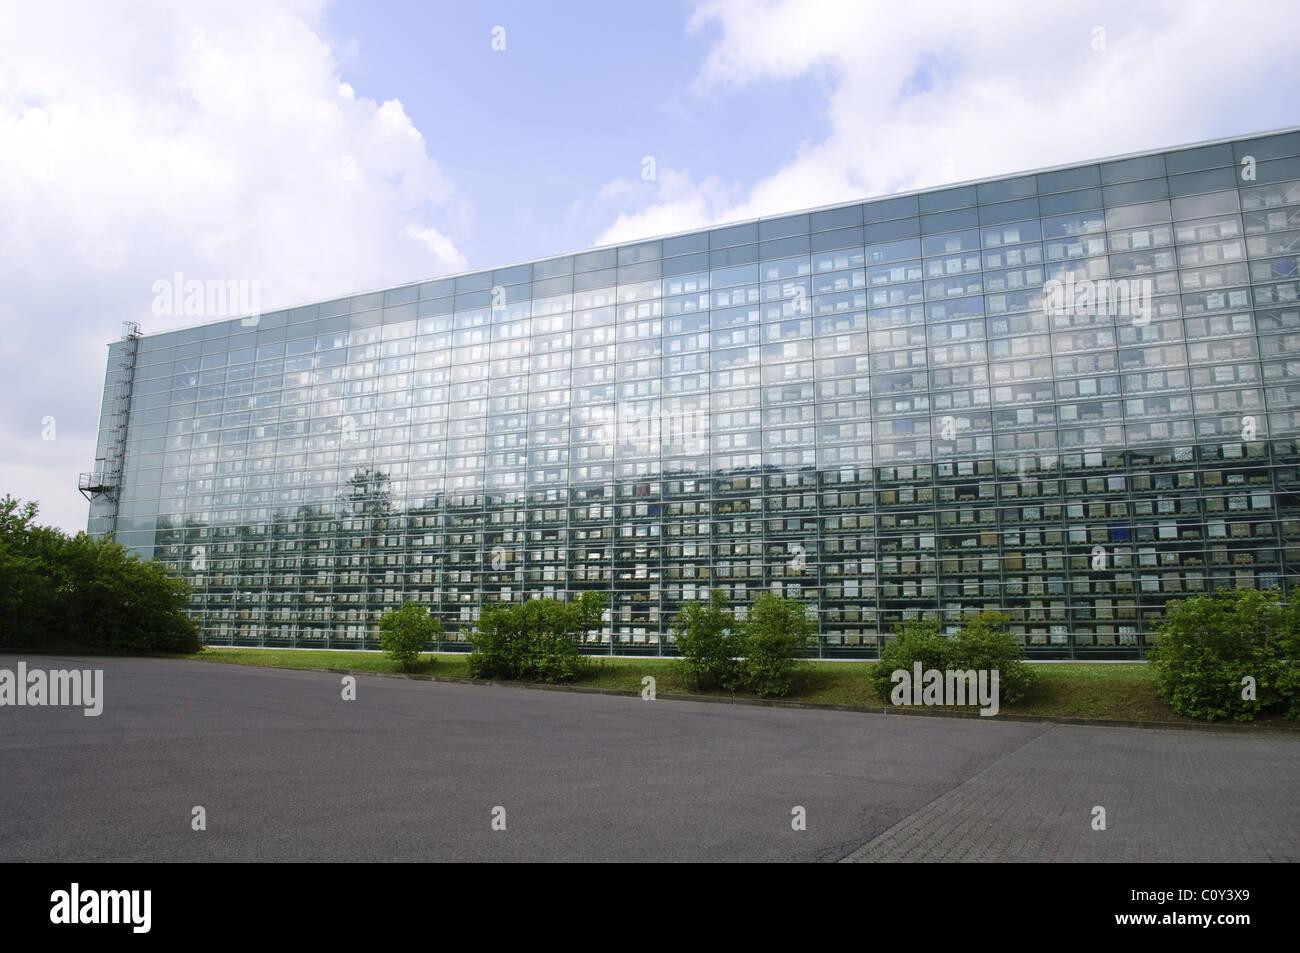 Entrepôt de distribution Villeroy & Boch à Merzig, Sarre, Allemagne Photo Stock